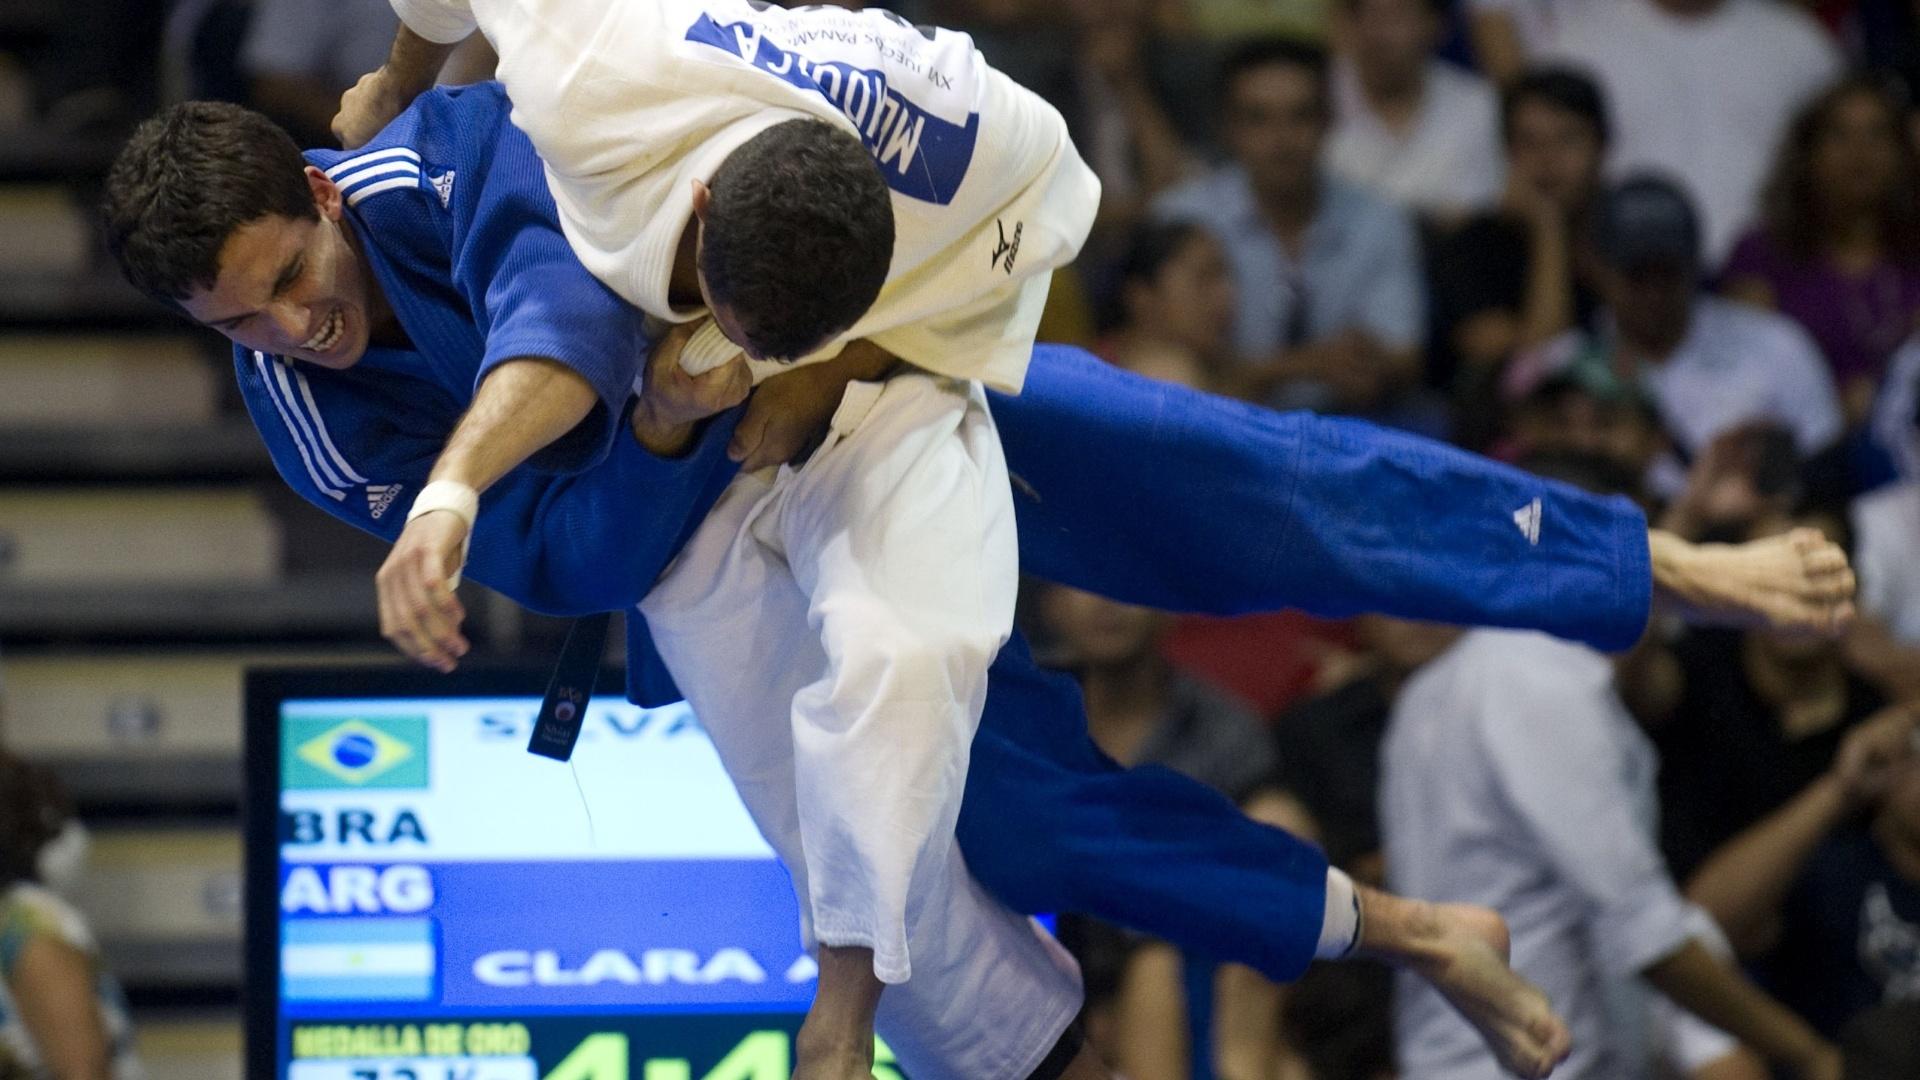 Bruno Mendonça, de branco, derruba o argentino Alejandro Clara na final da categoria até 73 kg